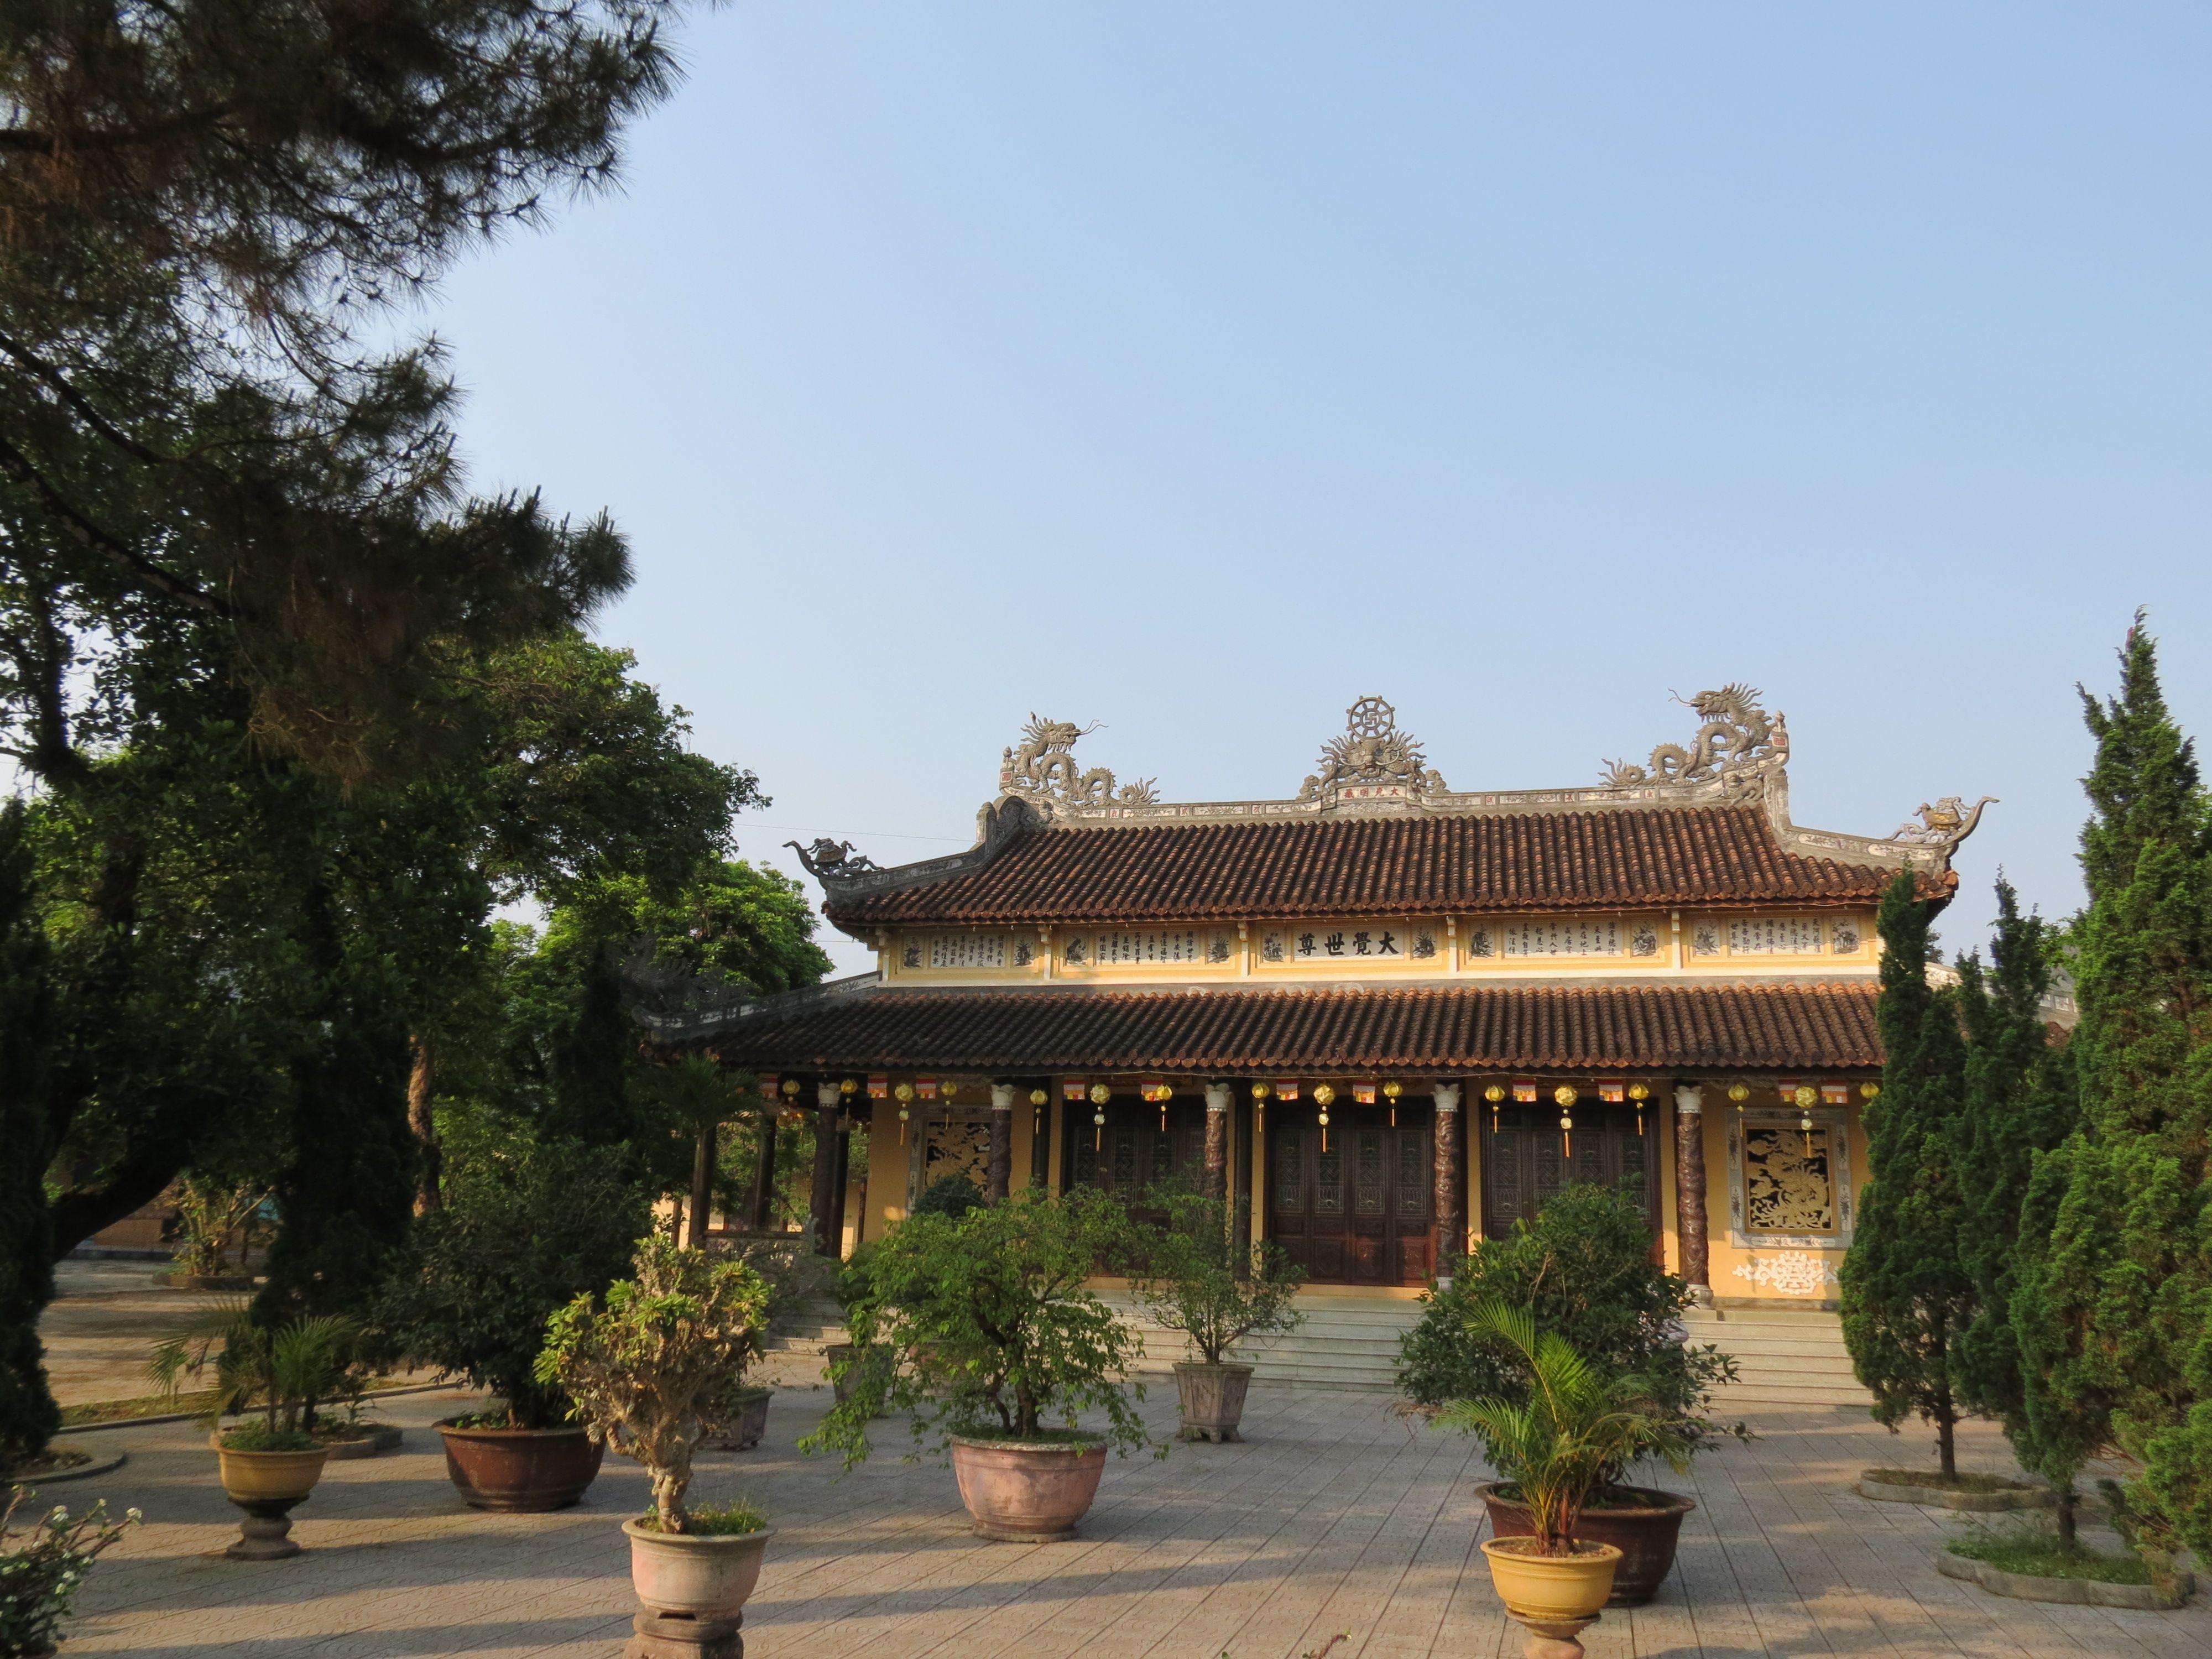 chính điện - chùa Diệu Viên